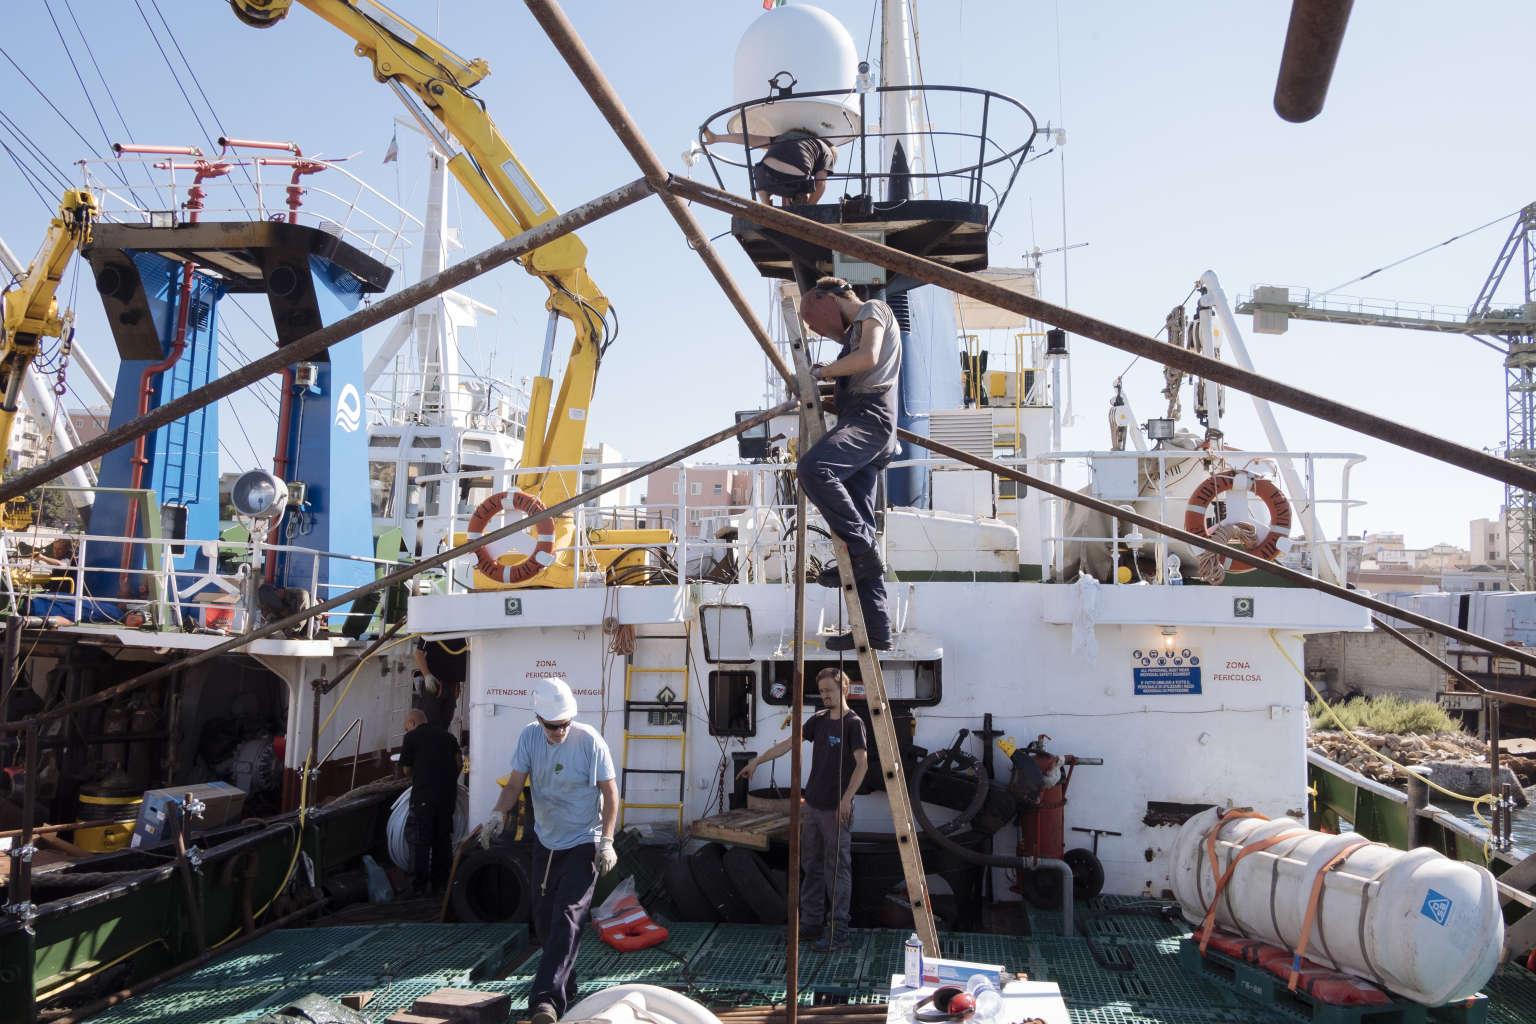 Sur le « Mare-Ionio », les derniers travaux avant l'appareillage. Crédits : Francesco Bellina / Cesura